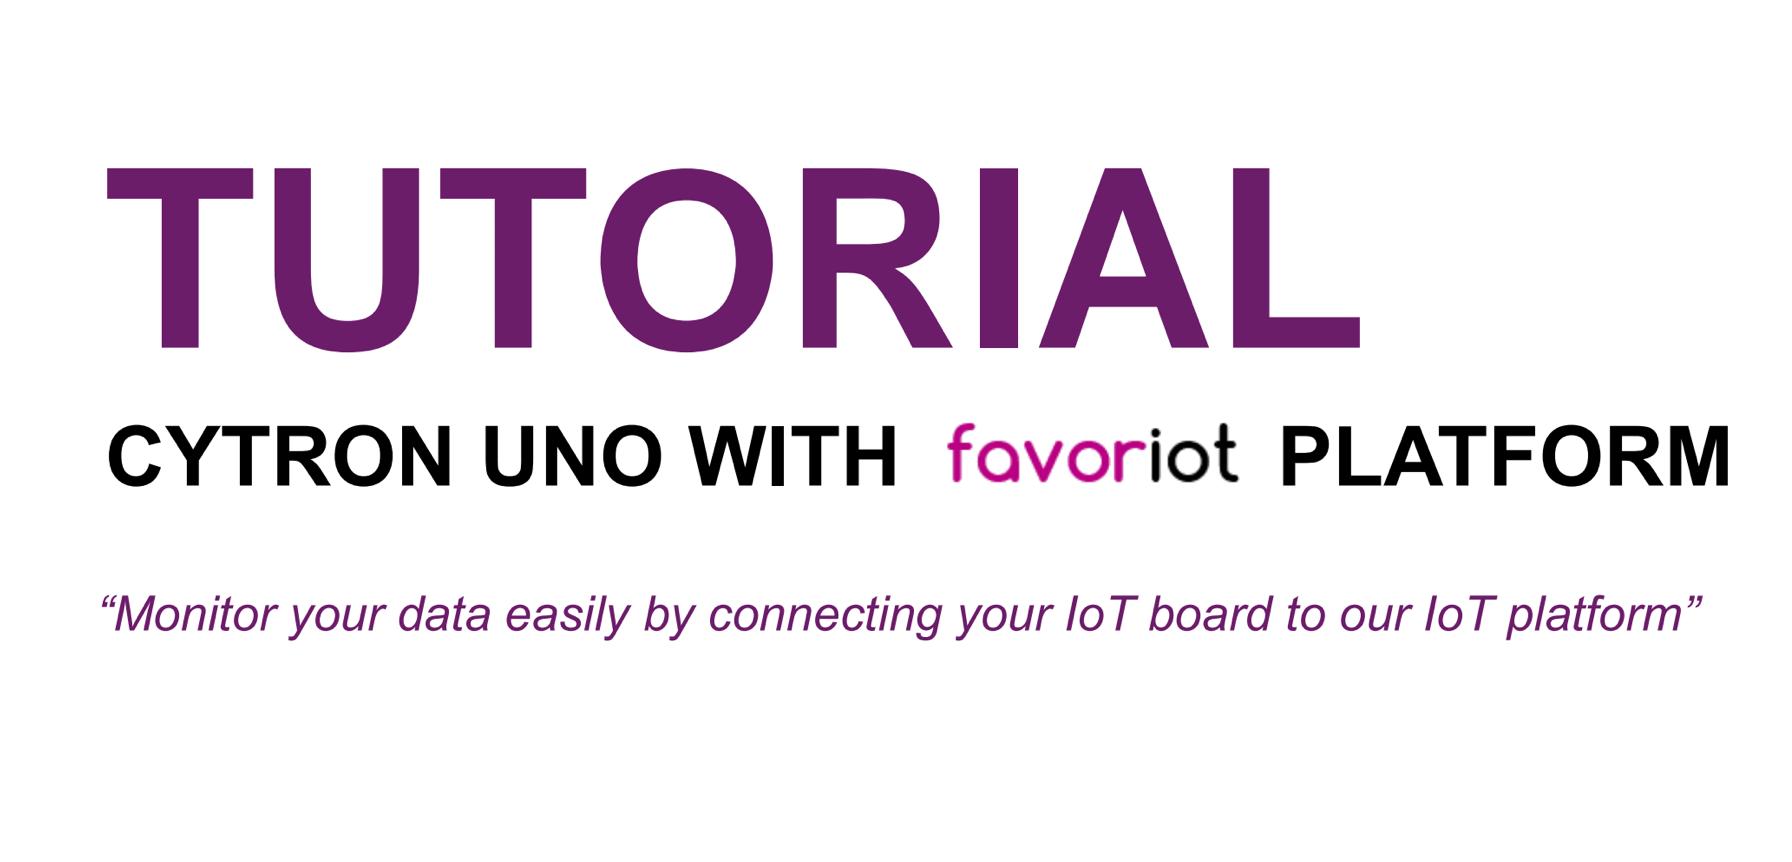 COMPLETE TUTORIAL - How To Connect Cytron Uno (Arduino UNO